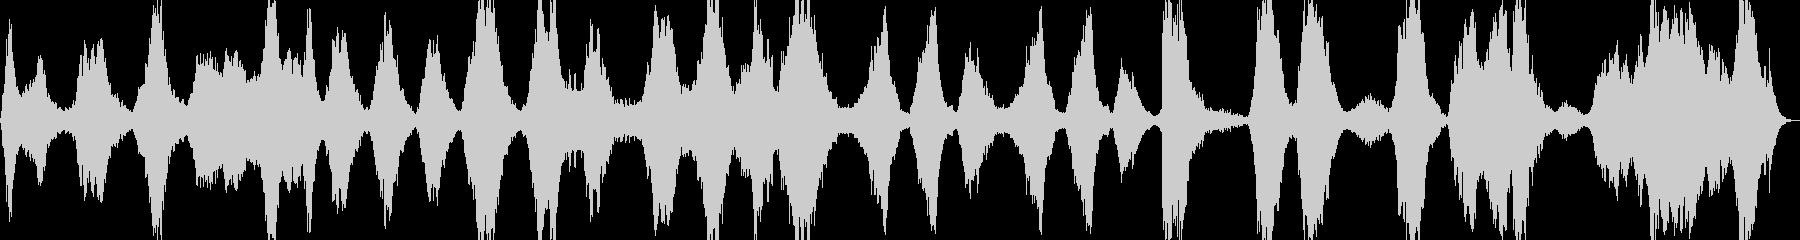 ゆったりとした弦とソプラノの声のメ...の未再生の波形